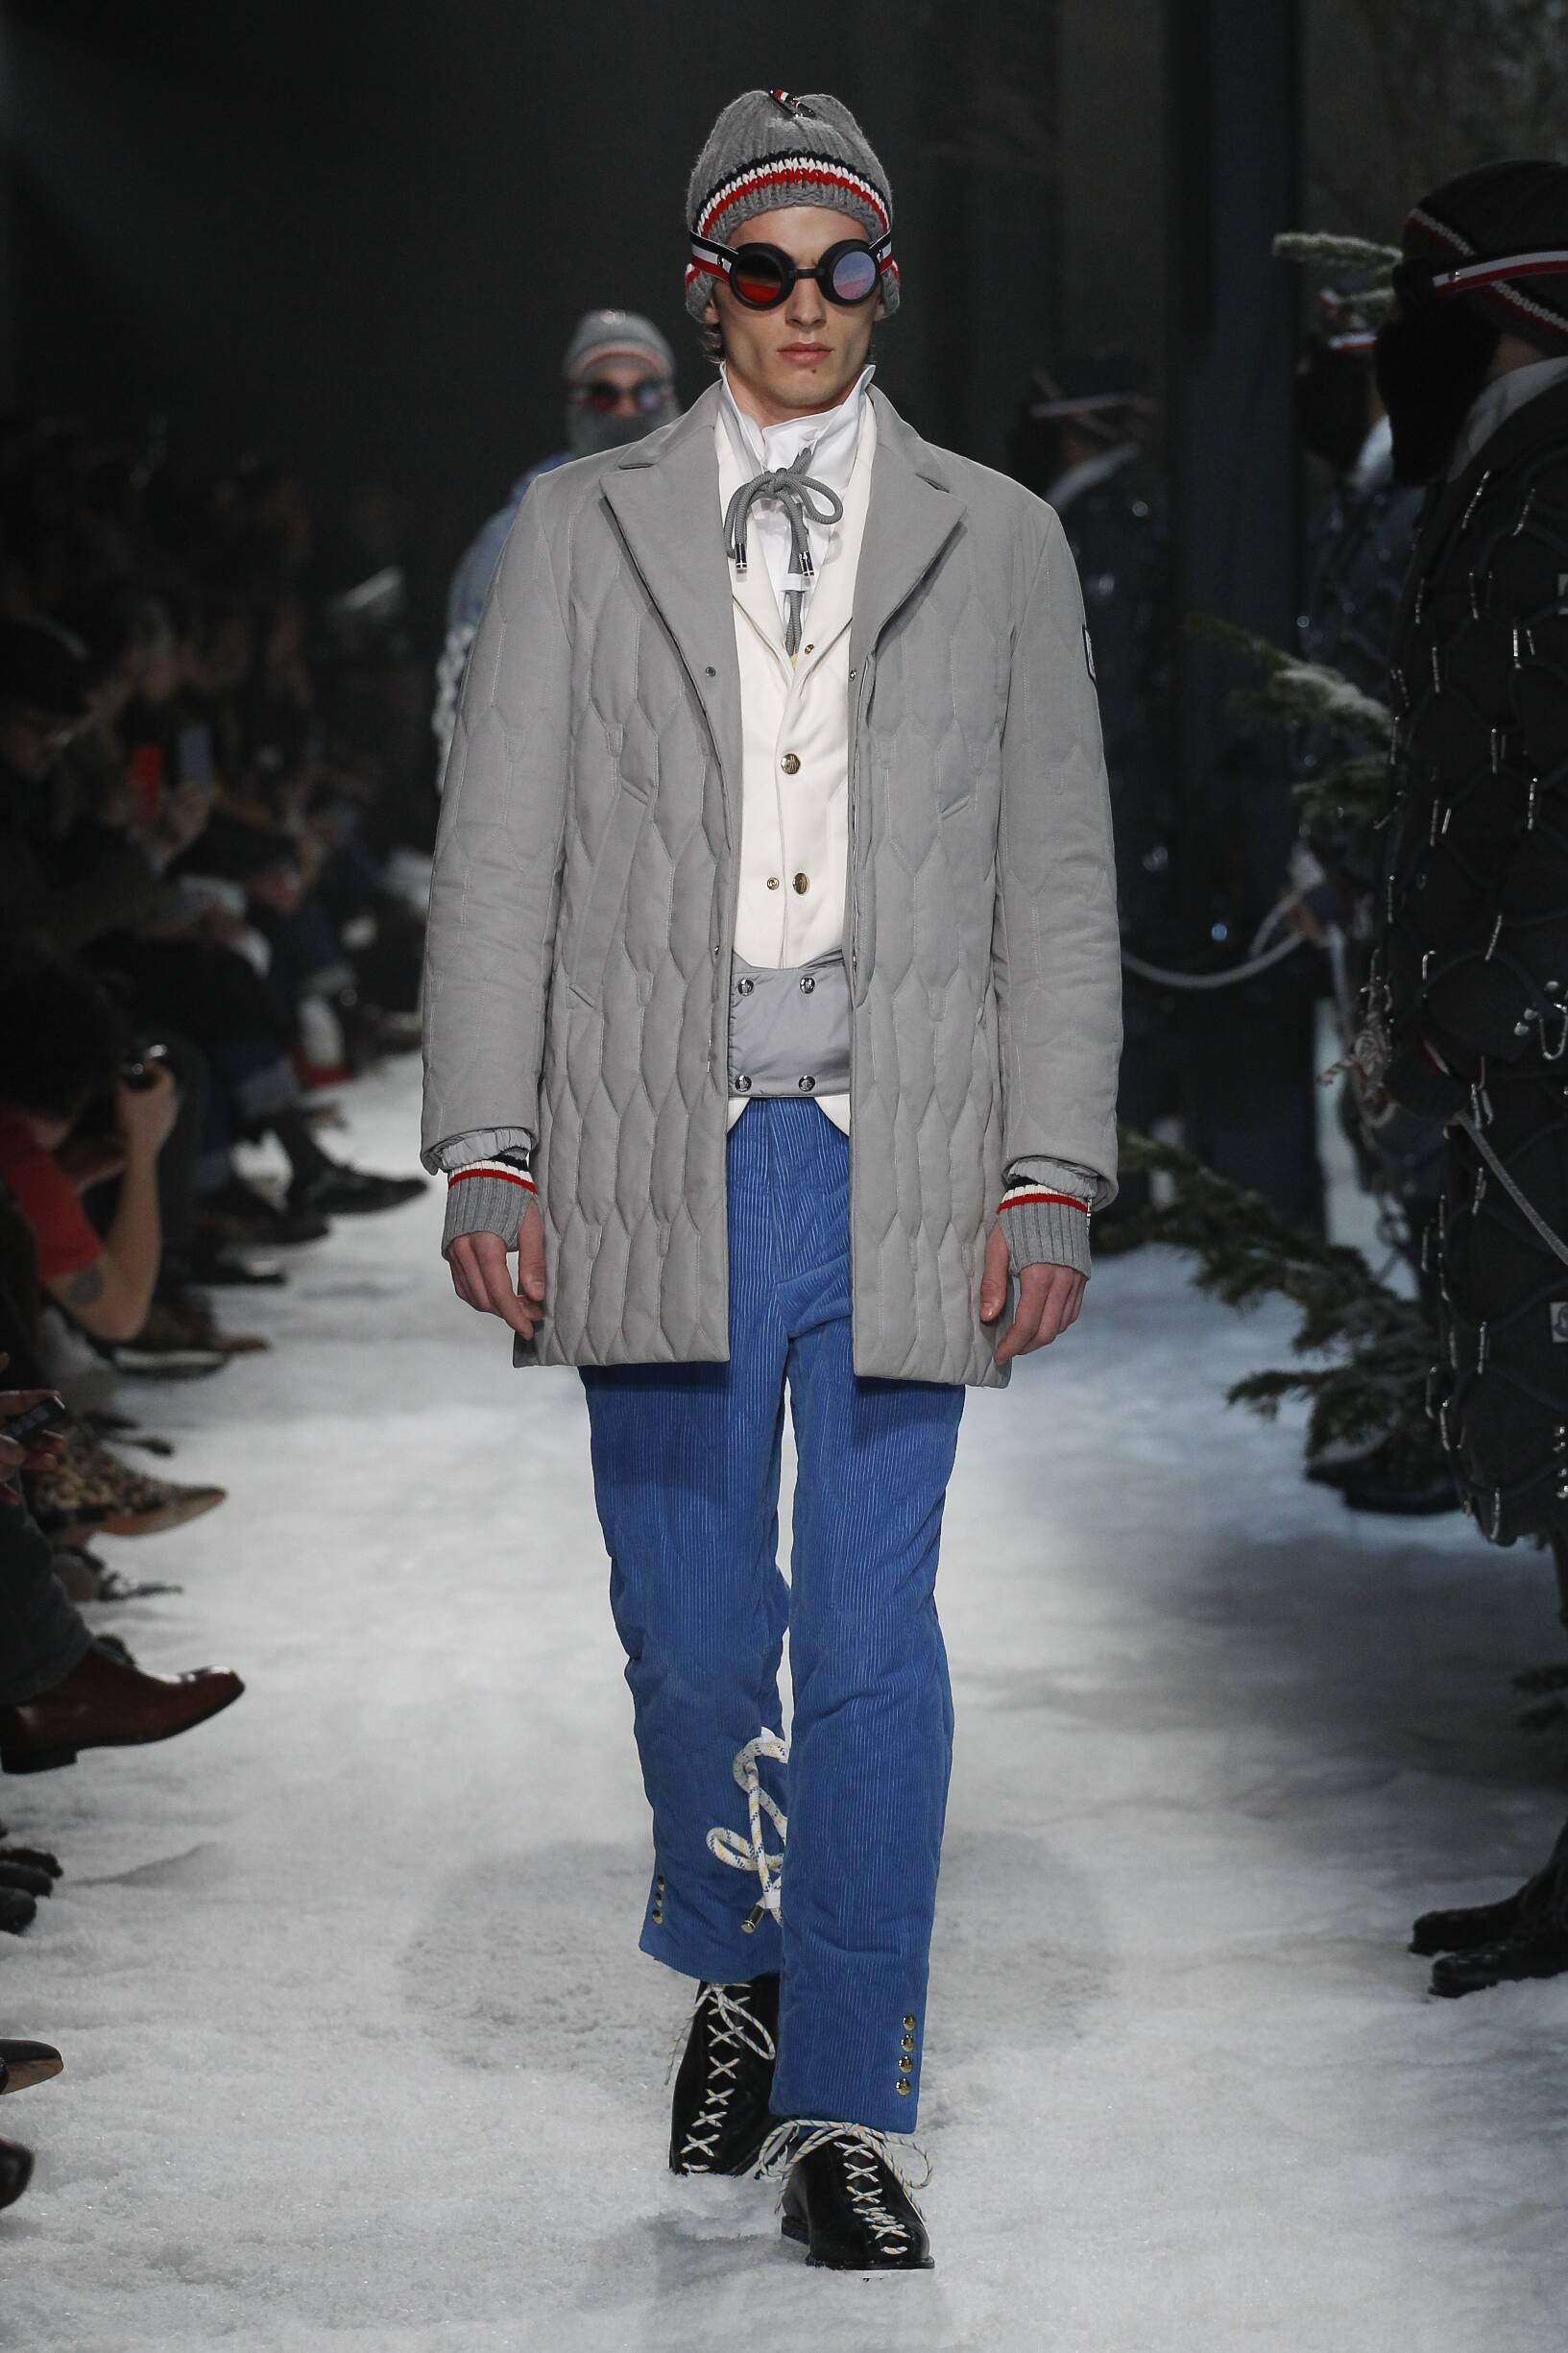 Fashion Model Moncler Gamme Bleu Catwalk